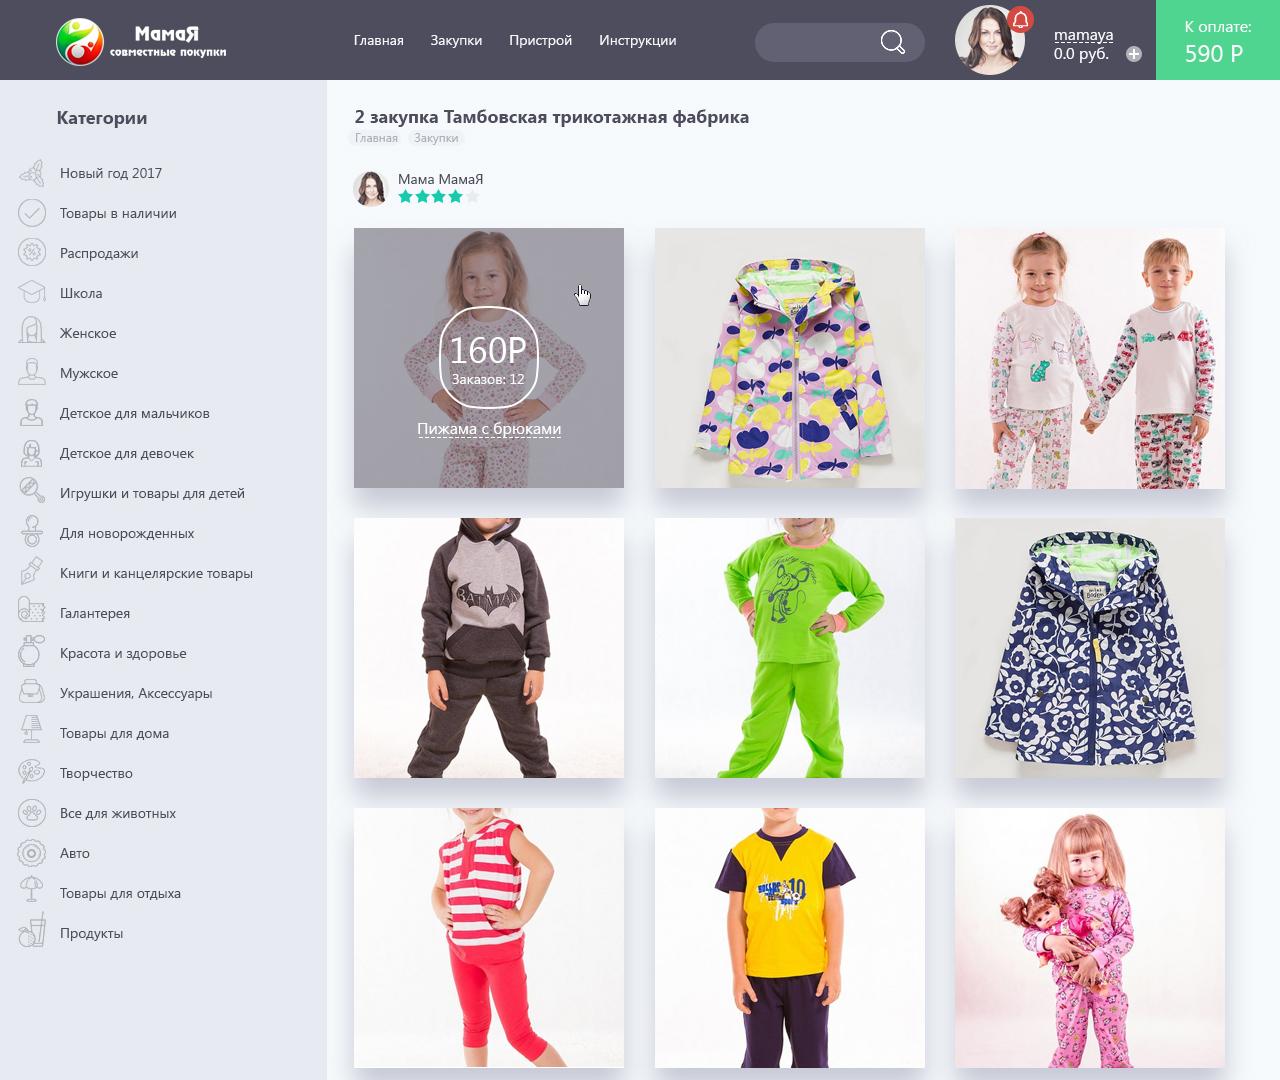 Дизайн для сайта по совместным покупкам